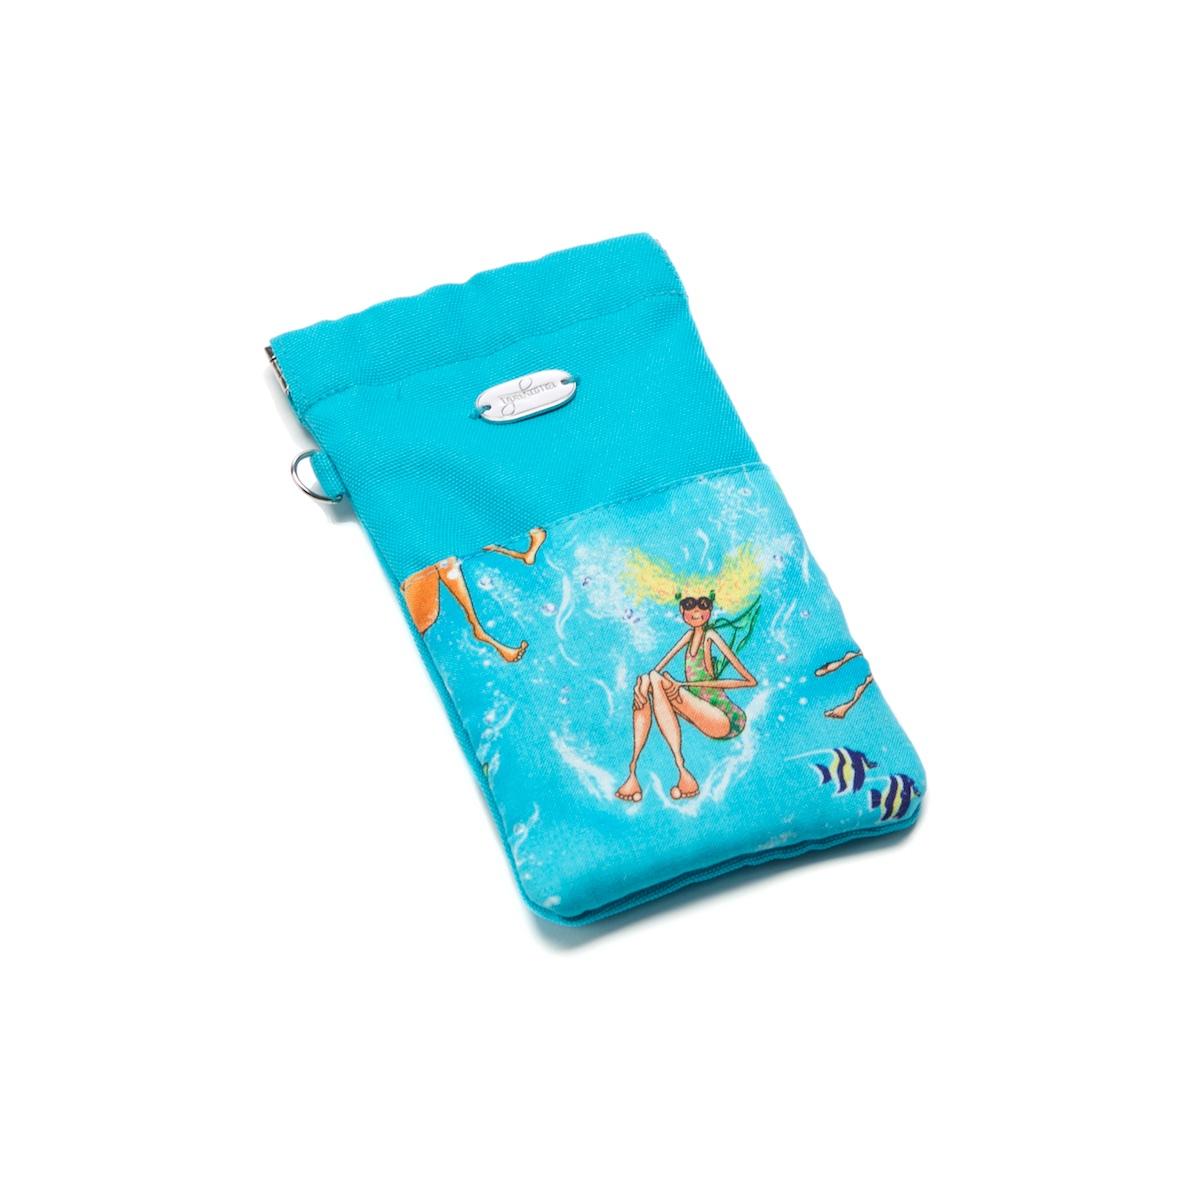 fd5957d957 Beach Bag Set Summertime Blue Smart phone   MP3 Player   Sunglass case